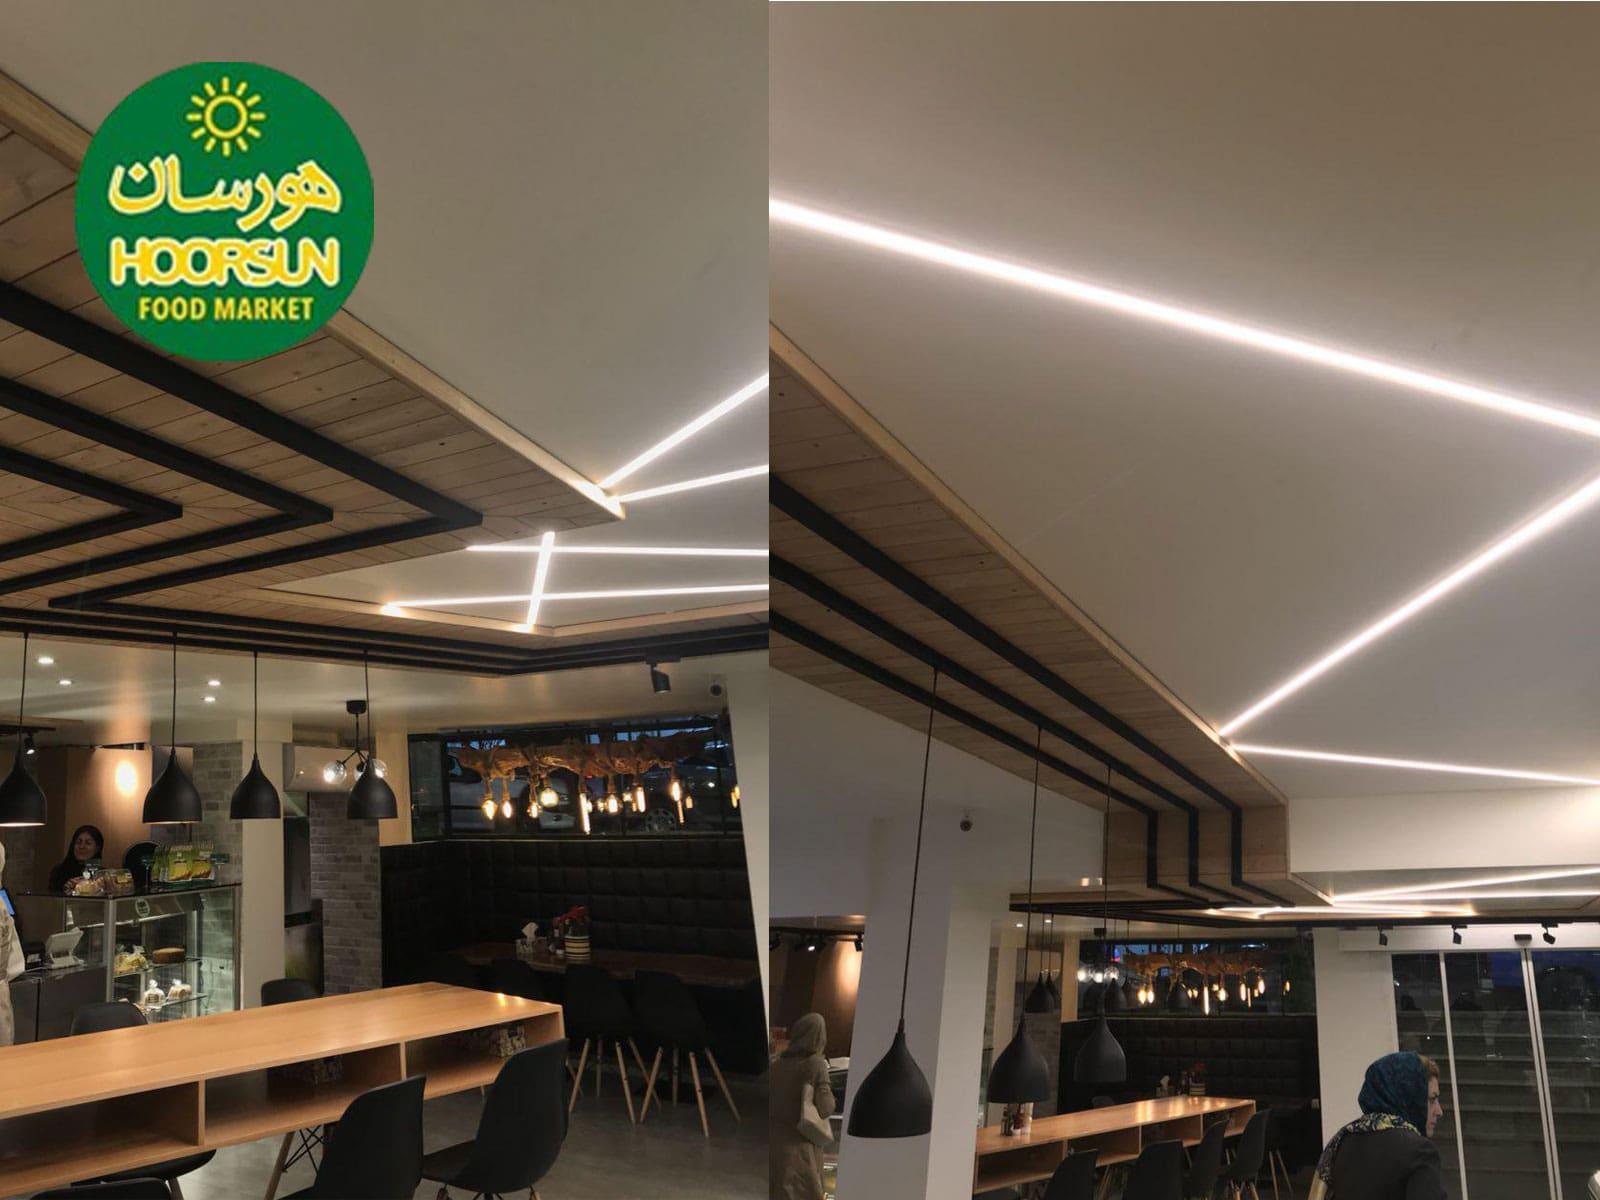 پروژه نورپردازی   طراحی نورپردازی   نورپردازی گالری   شرکت نورپردازی   چراغ ریلی   نورپردازی آتلیه   نورپردازی رستوران